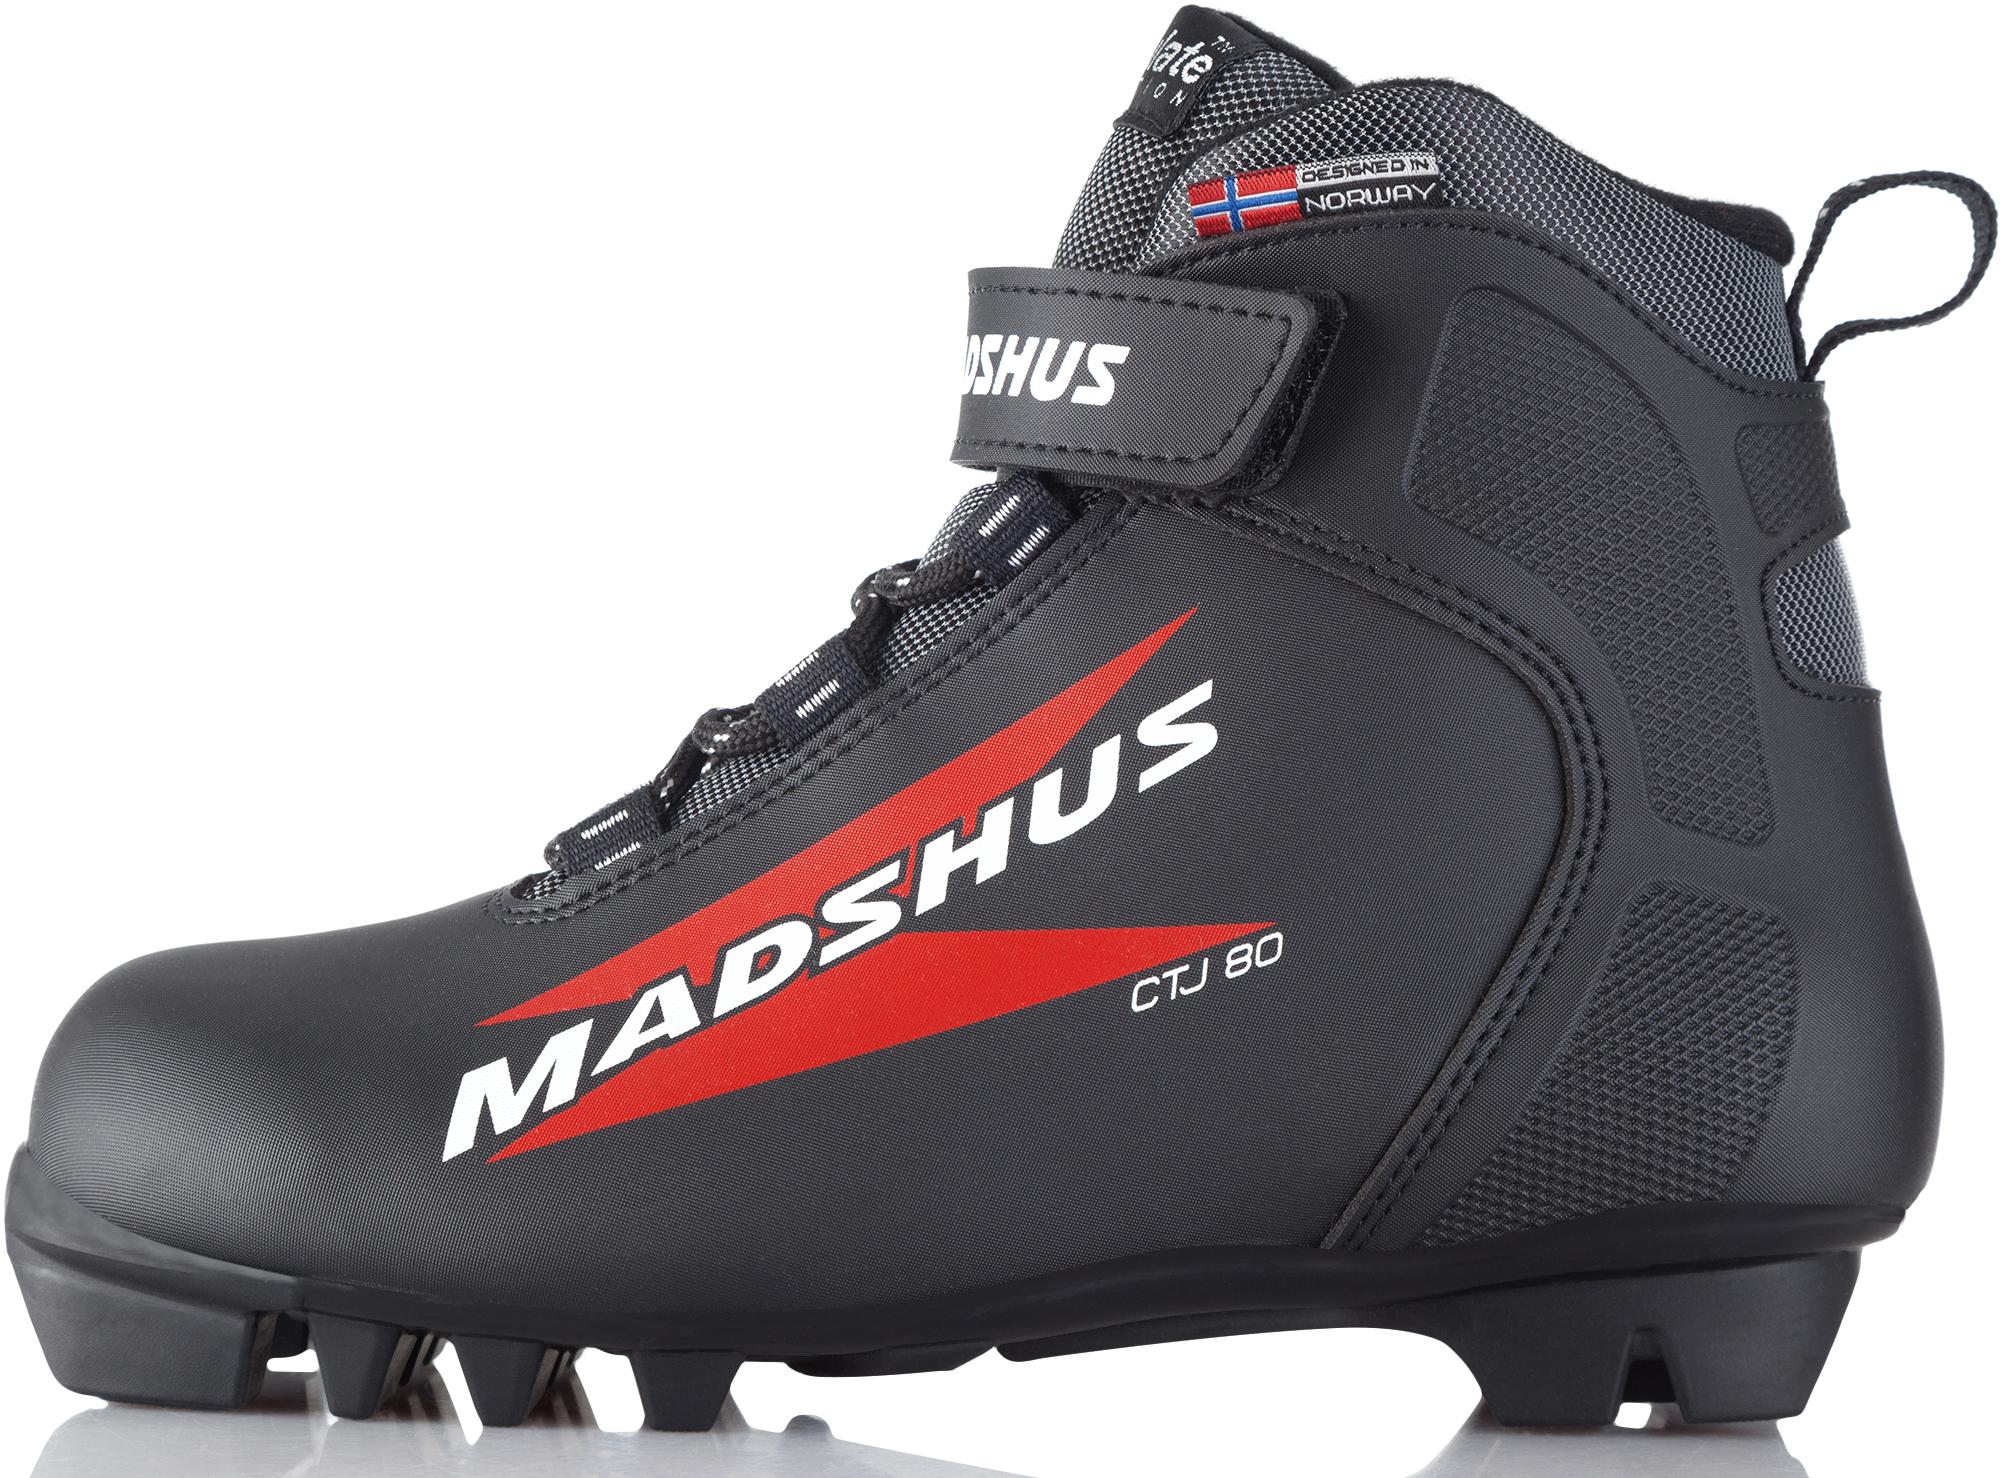 купить Madshus Ботинки для беговых лыж детские Madshus CT 80 JR дешево